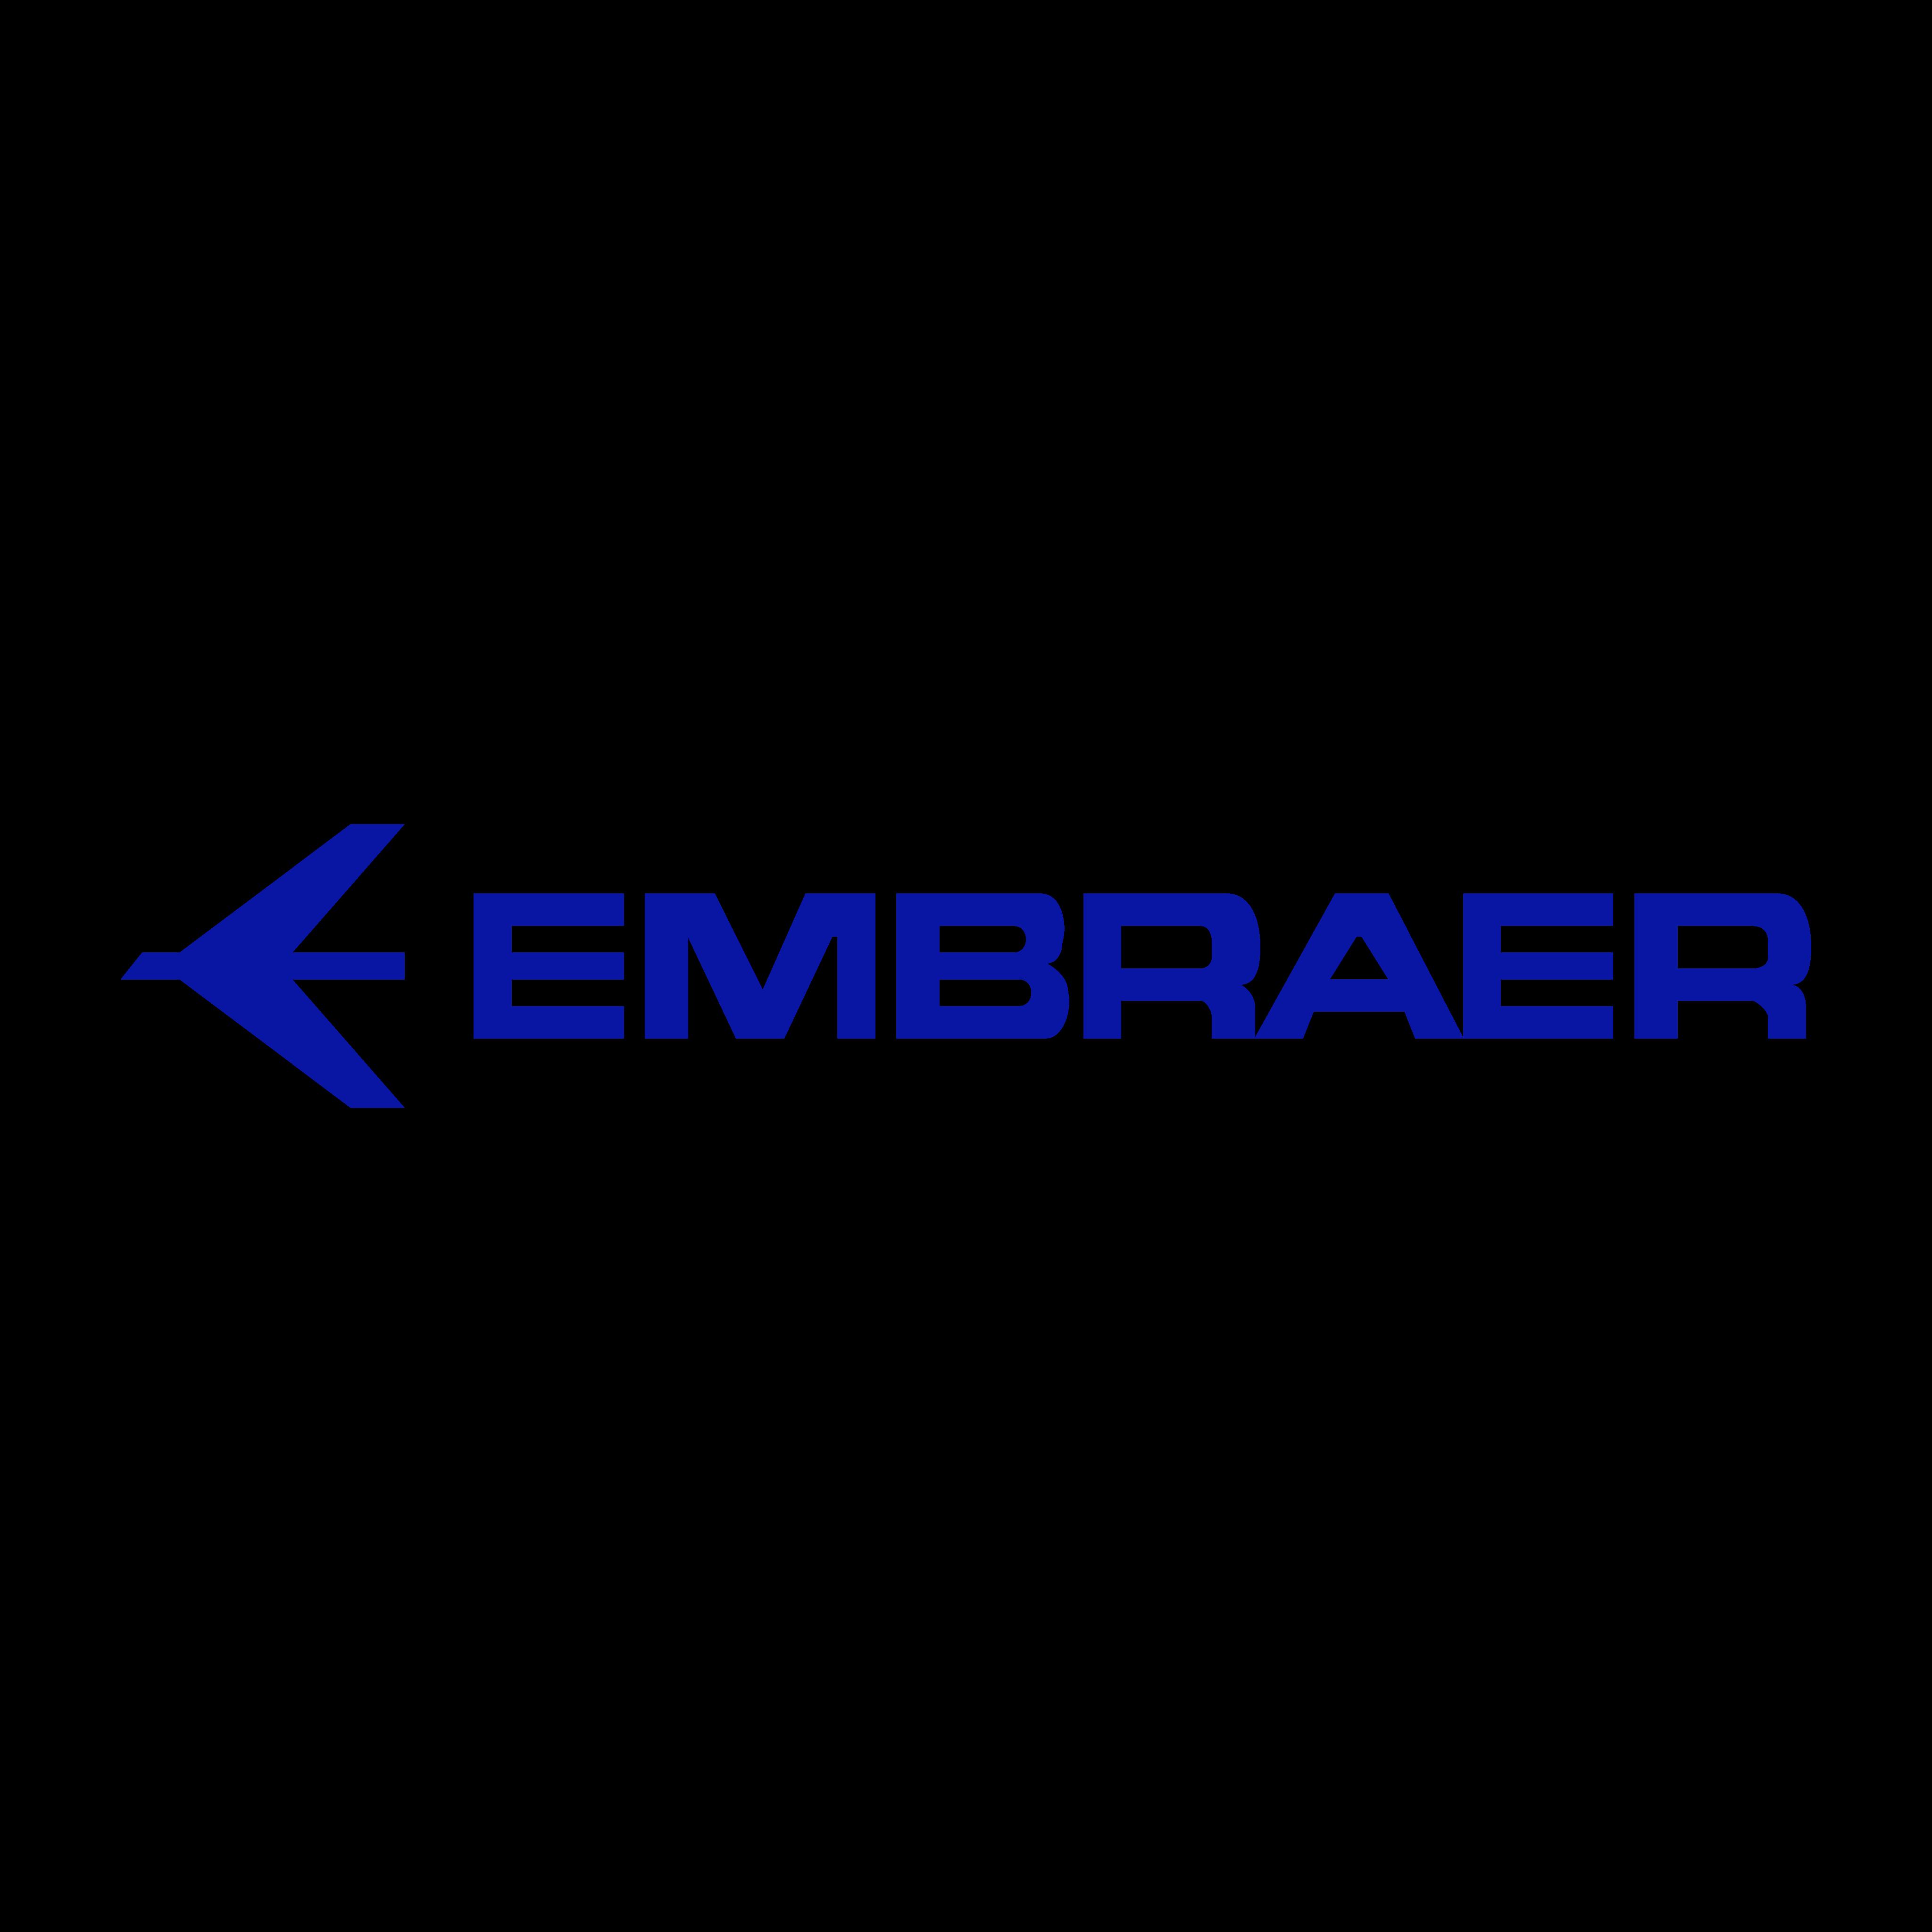 embraer logo 0 - Embraer Logo